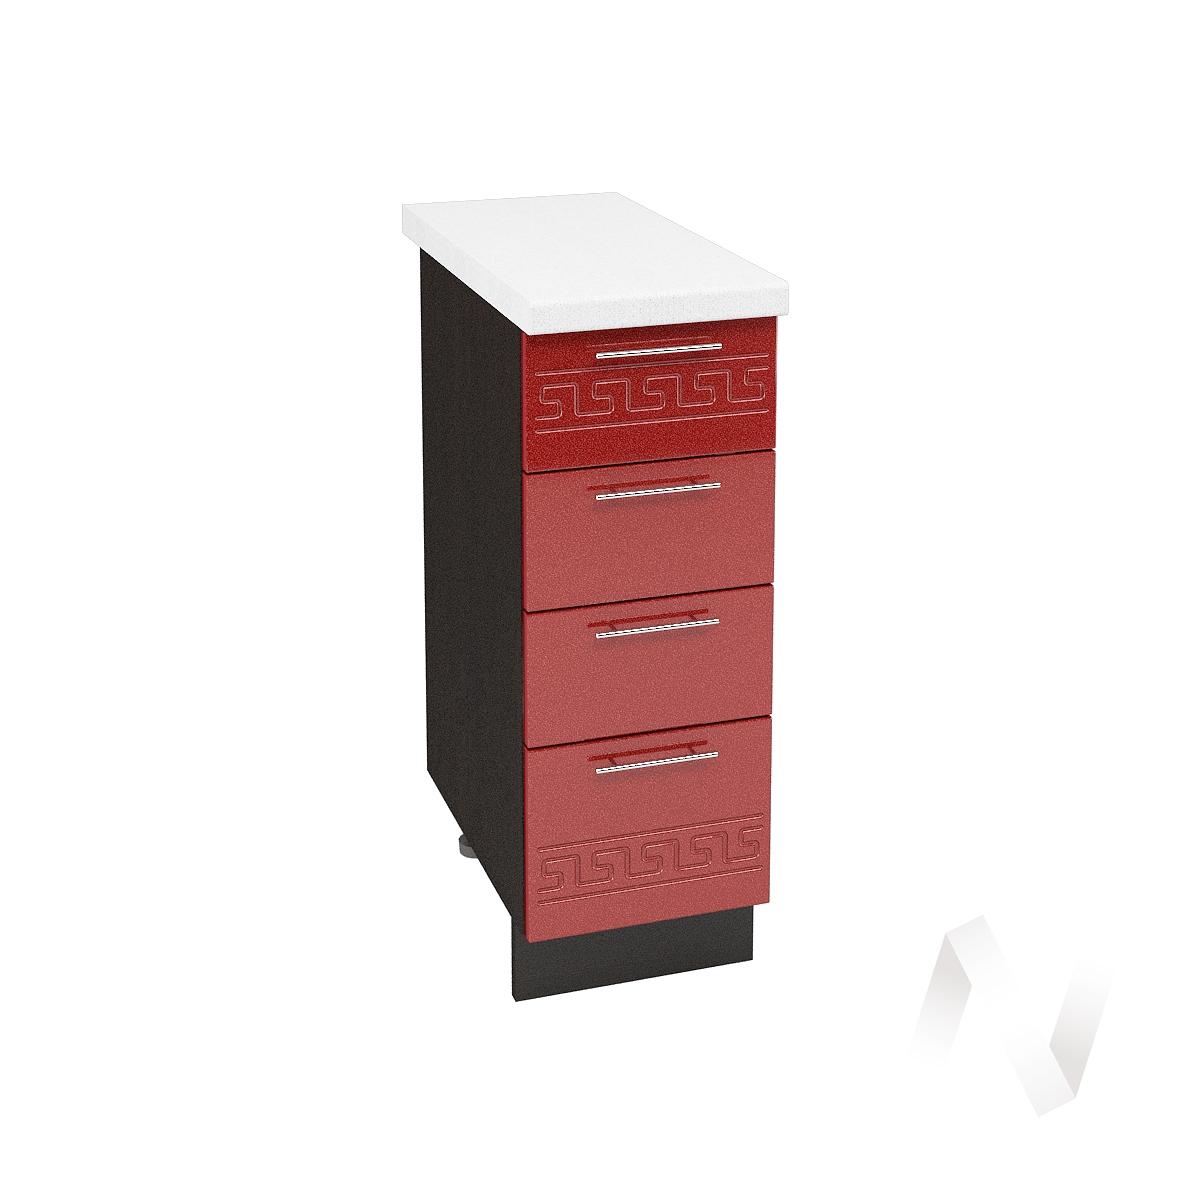 """Кухня """"Греция"""": Шкаф нижний с 4-мя ящиками 300, ШН4Я 300 (гранатовый металлик/корпус венге)"""